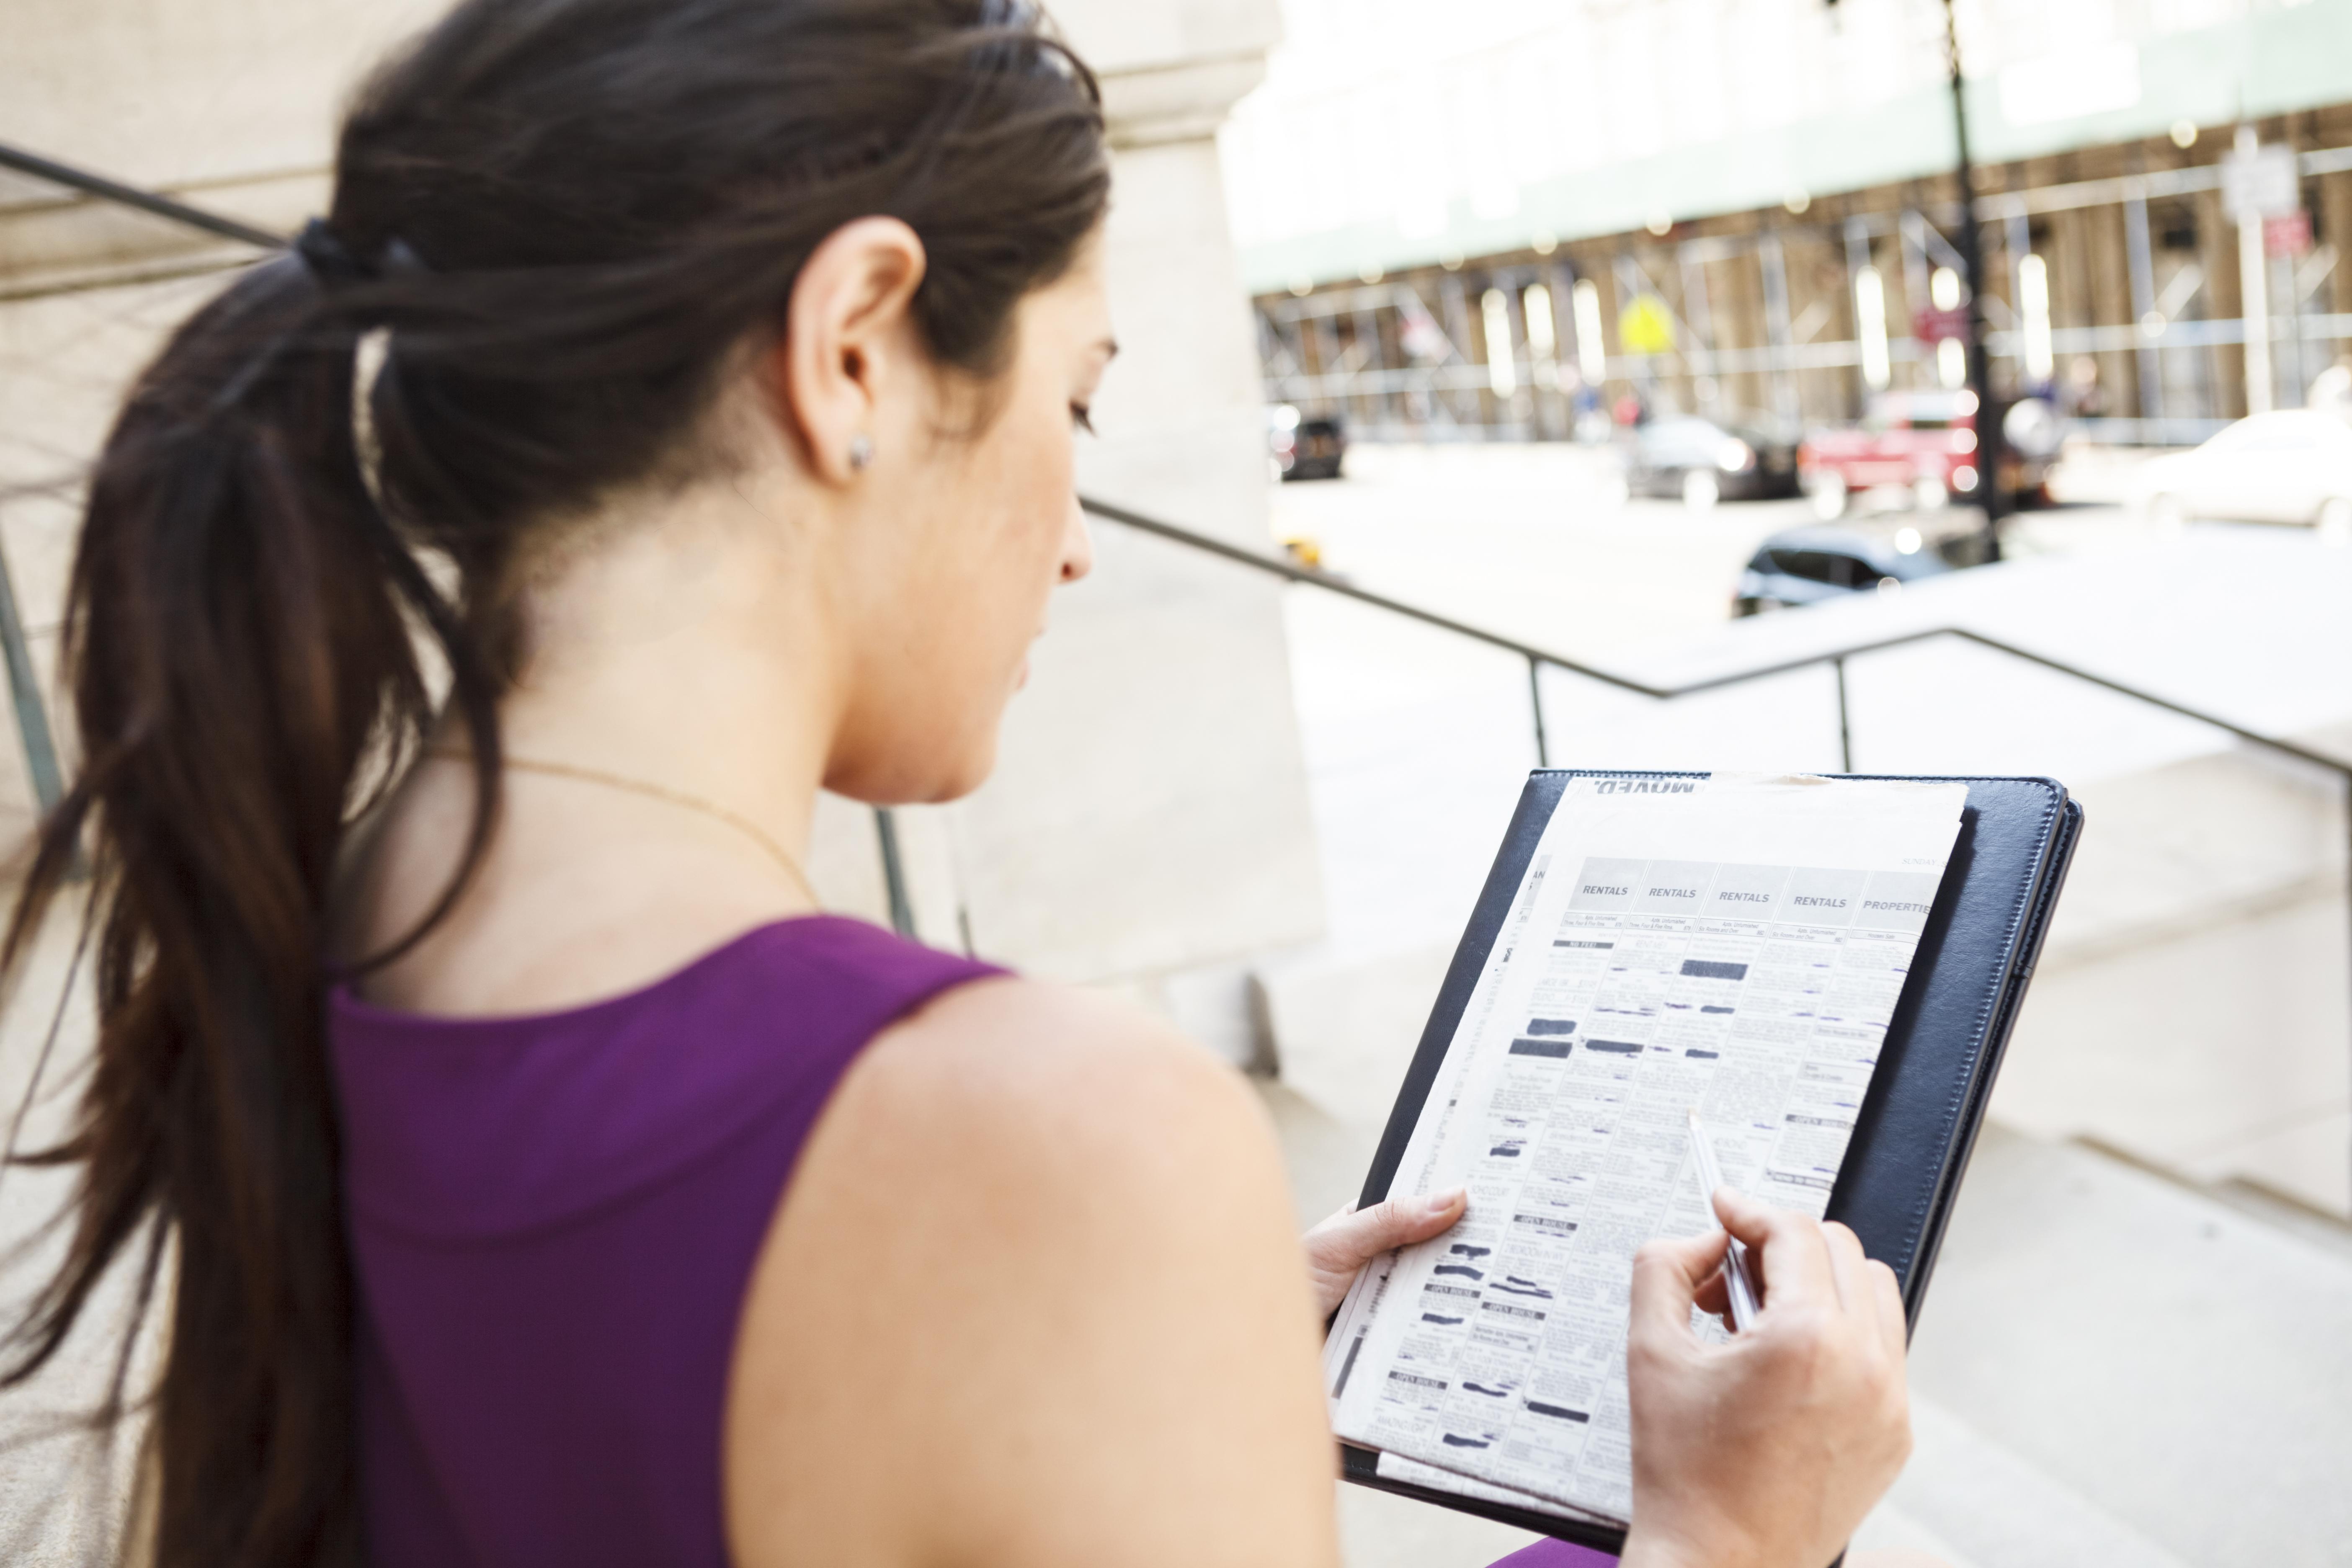 Wohnungsinserat mit Energieausweis Daten